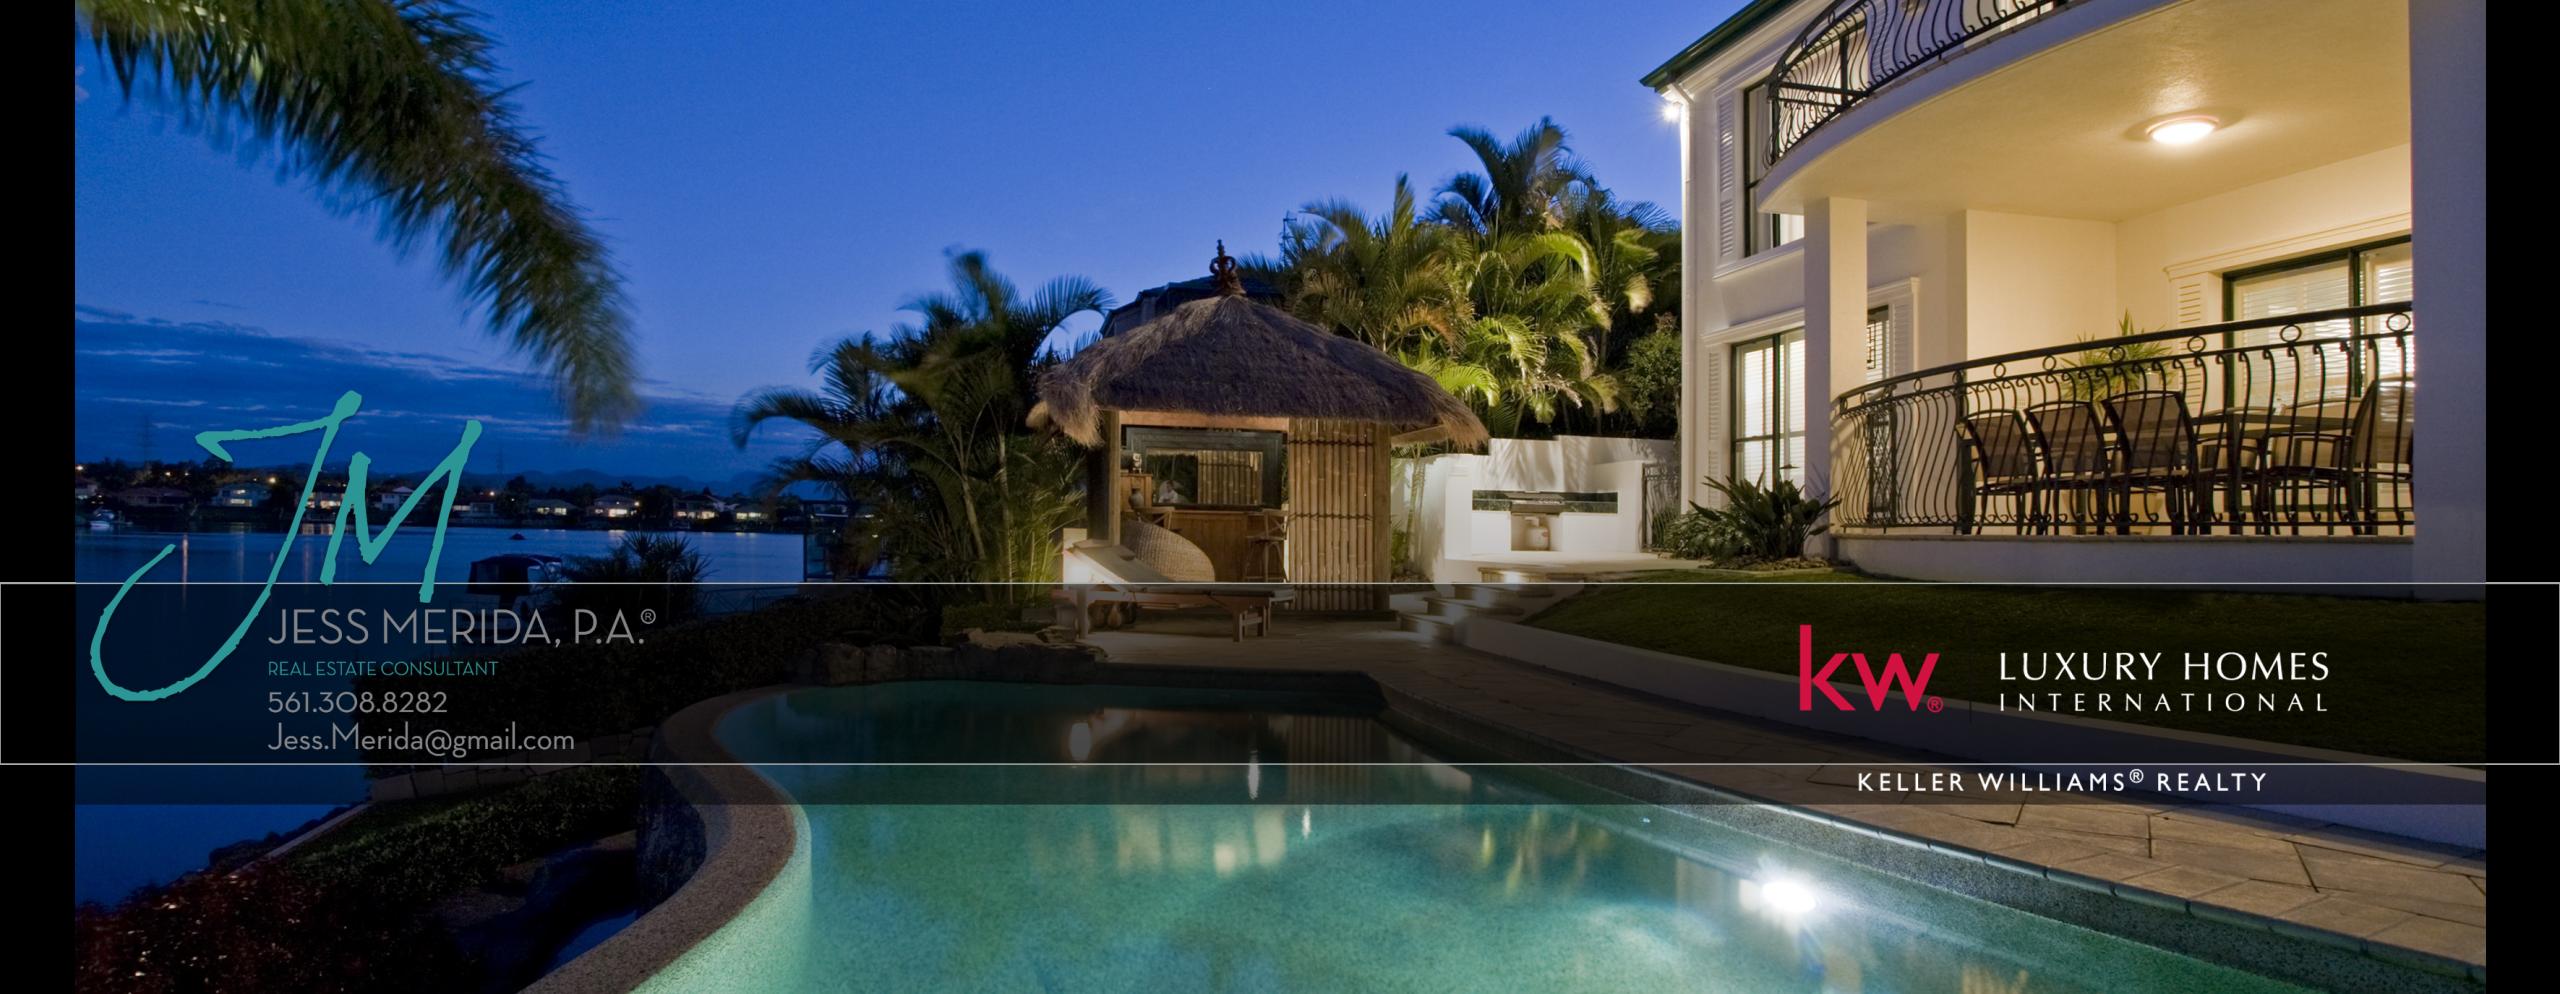 Luxury Real Estate Consultant